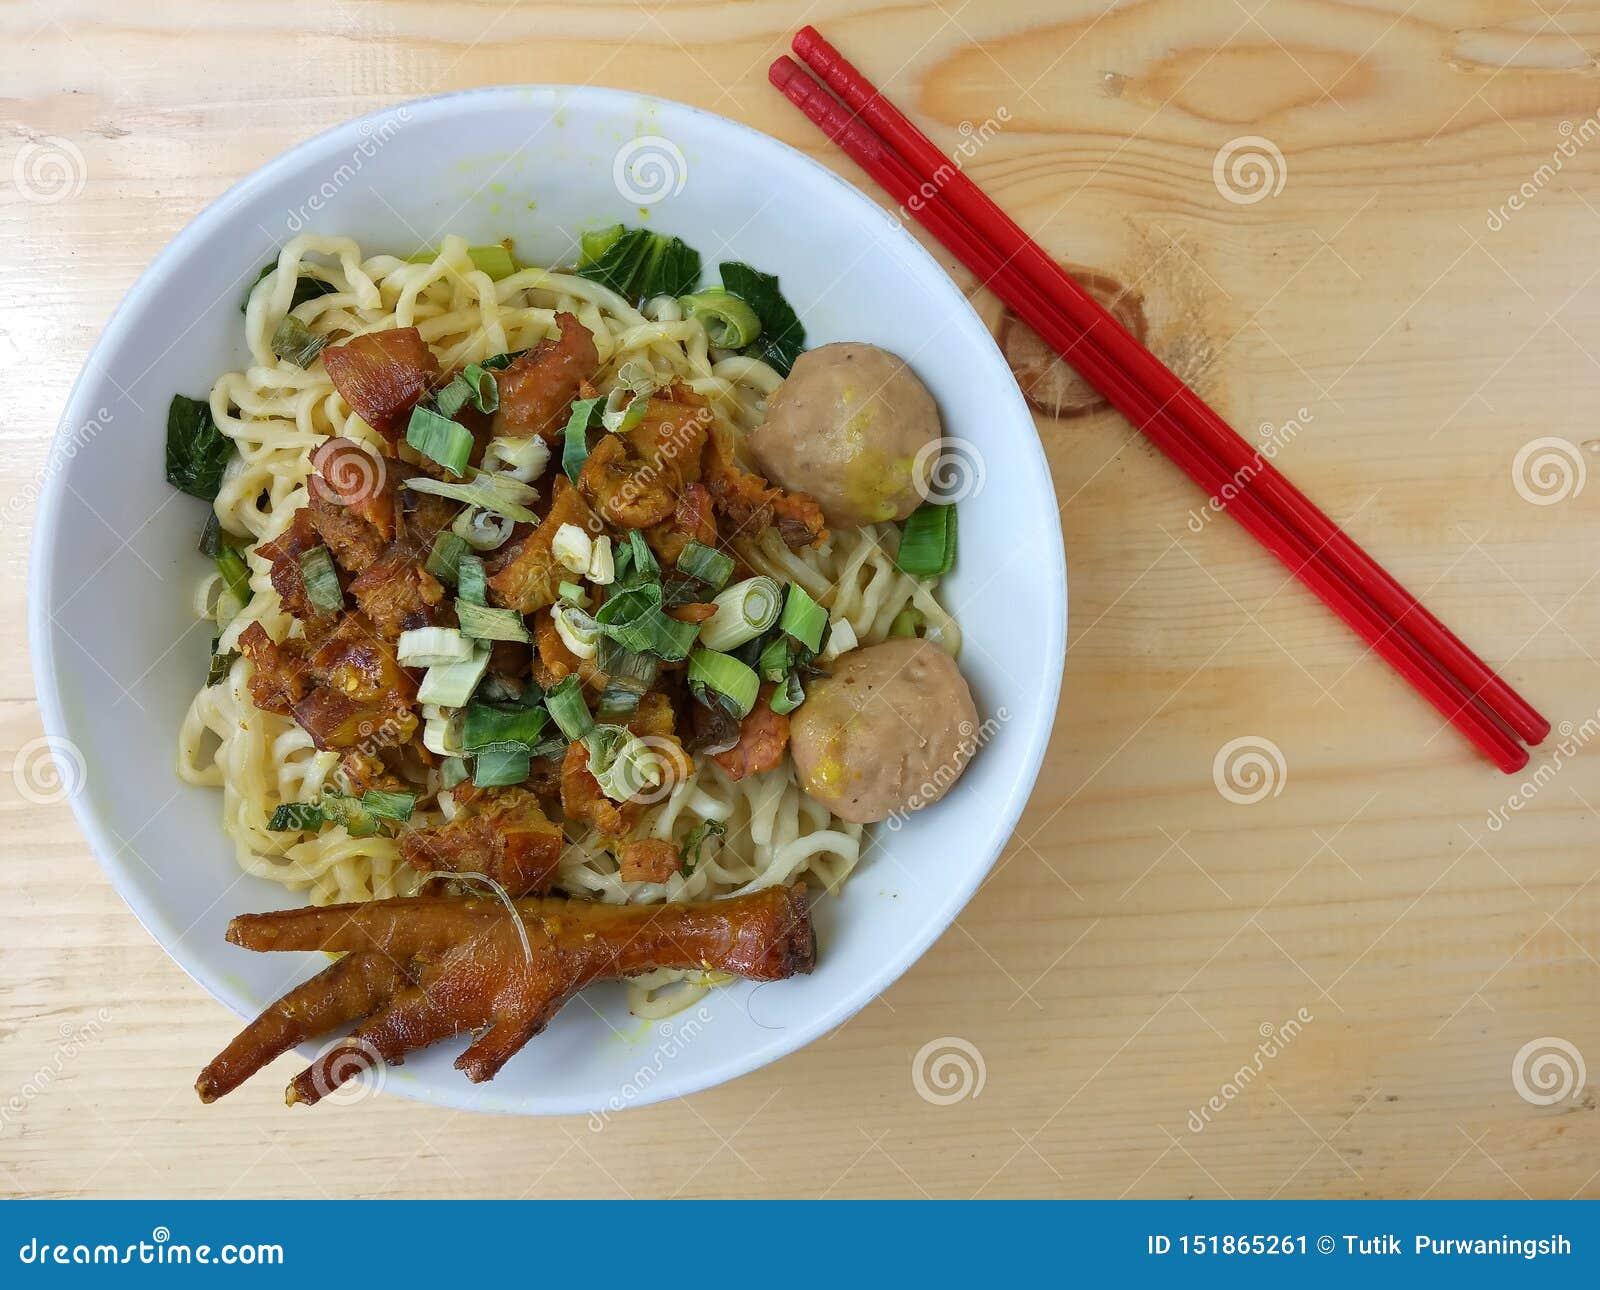 De eenvoudige Vlakke Foto, legt, heerlijke Mie Ayam, Kippennoedel bij witte kom en rood plastic eetstokje bij houten lijst van In